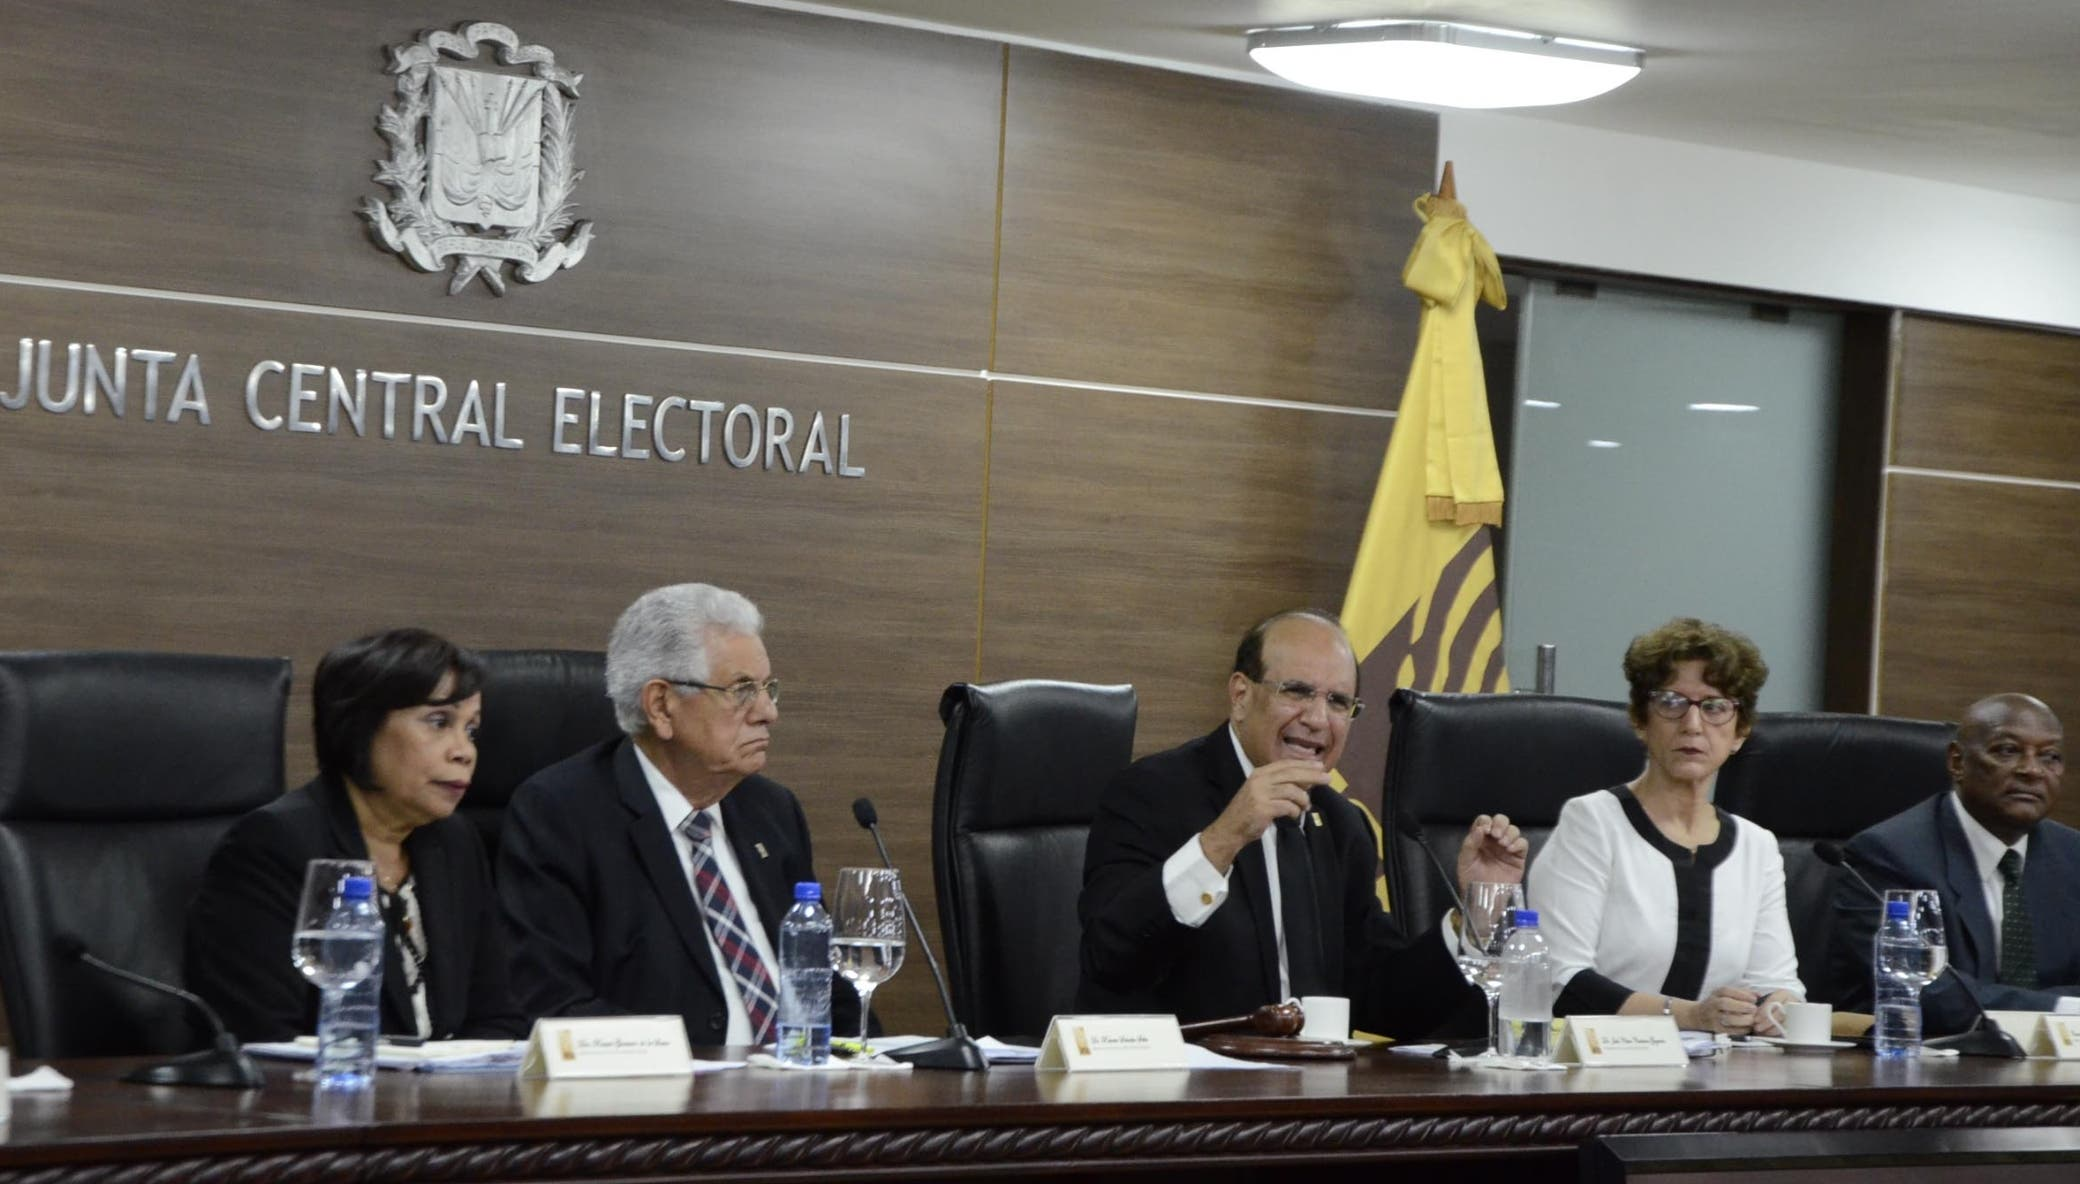 El Pleno fijará una audiencia pública para conocer las opiniones de los partidos sobre el ordenamiento que busca implementar sobre  las primarias.  archivo